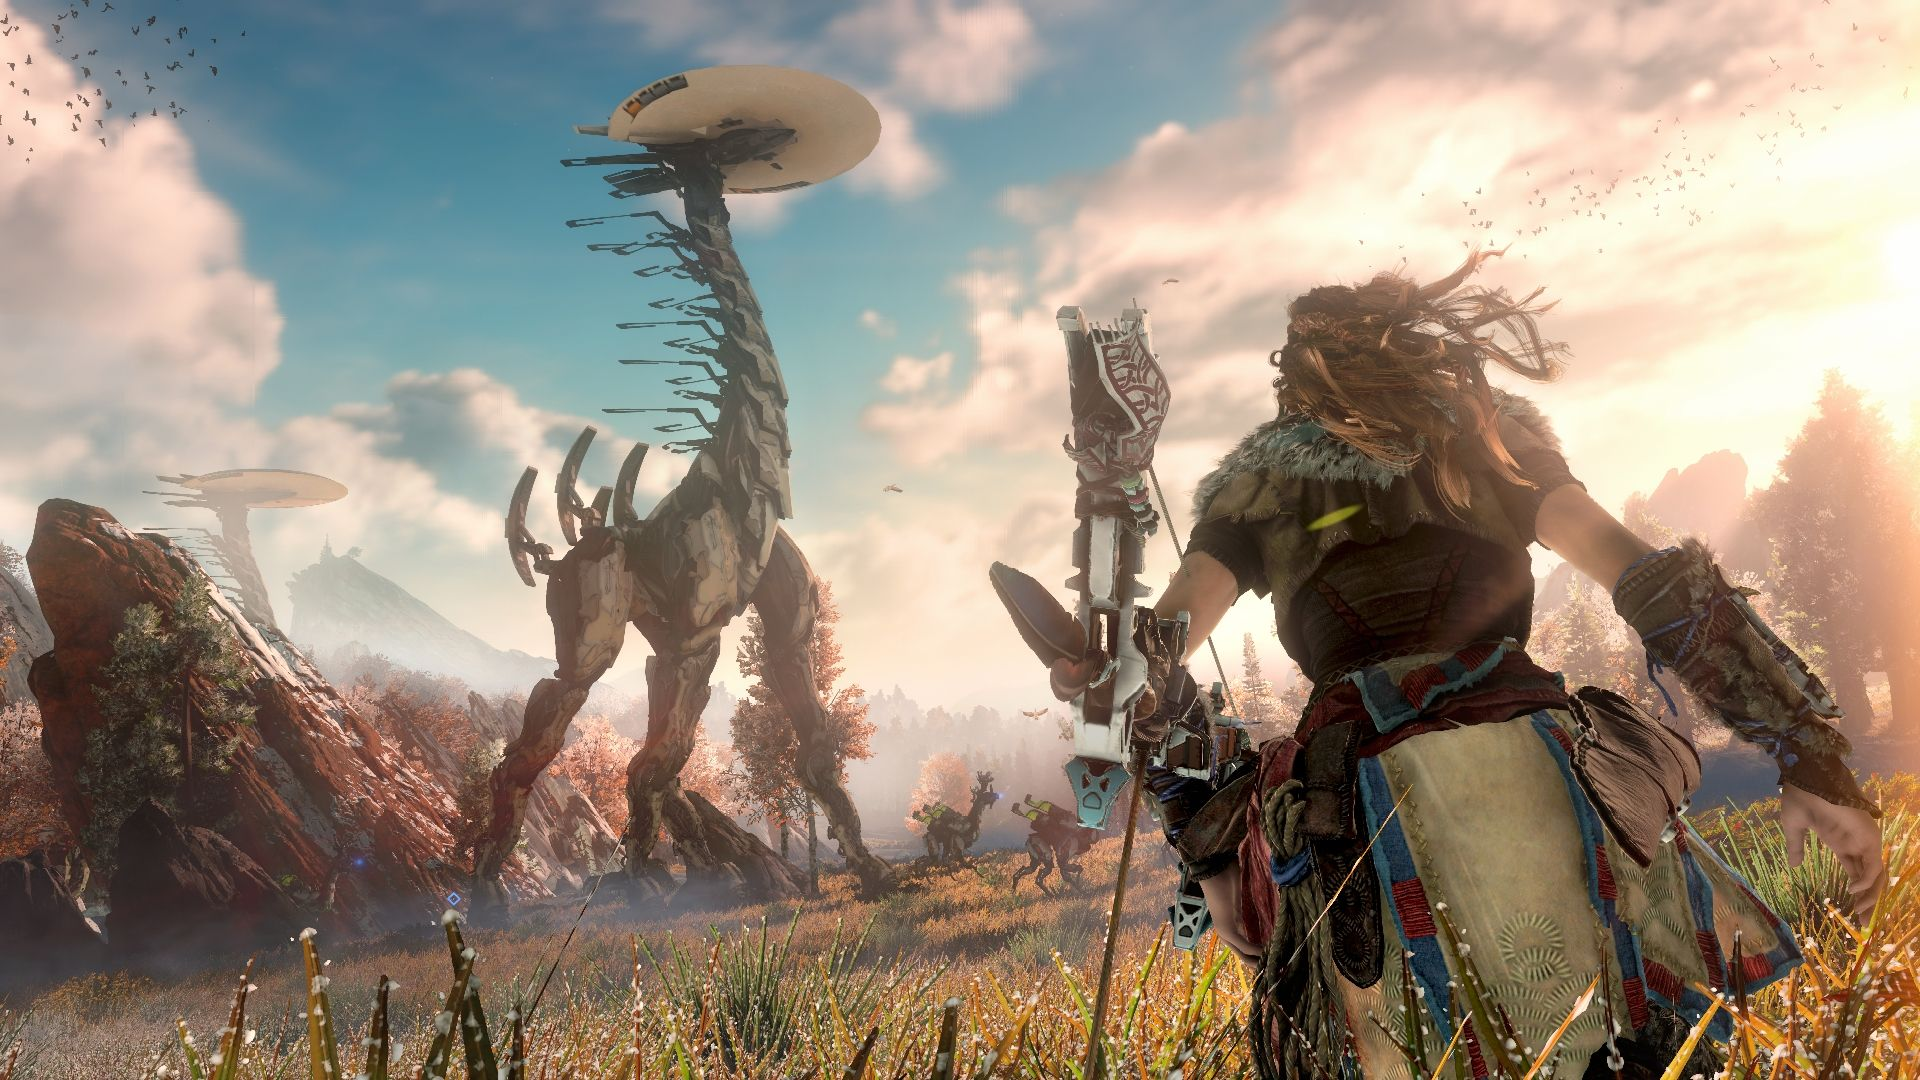 Personajes, enemigos y mas detalles en el nuevo tráiler de Horizon: Zero Dawn